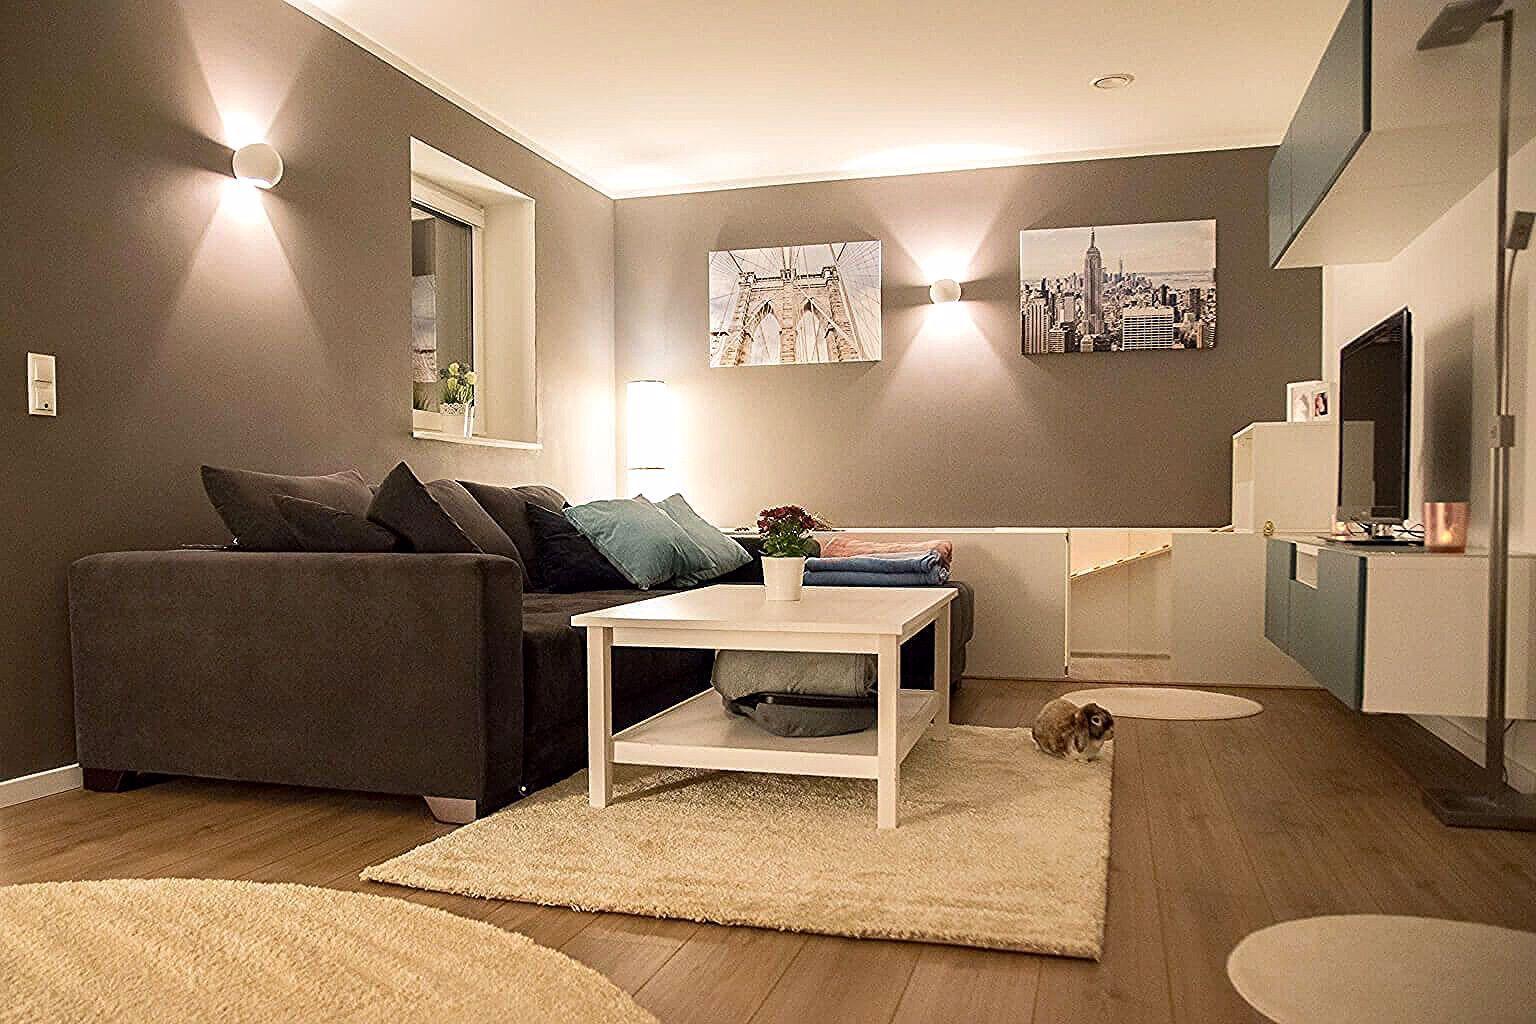 Pin von Jucon auf Farben für Wände in 9  Wohnzimmer streichen